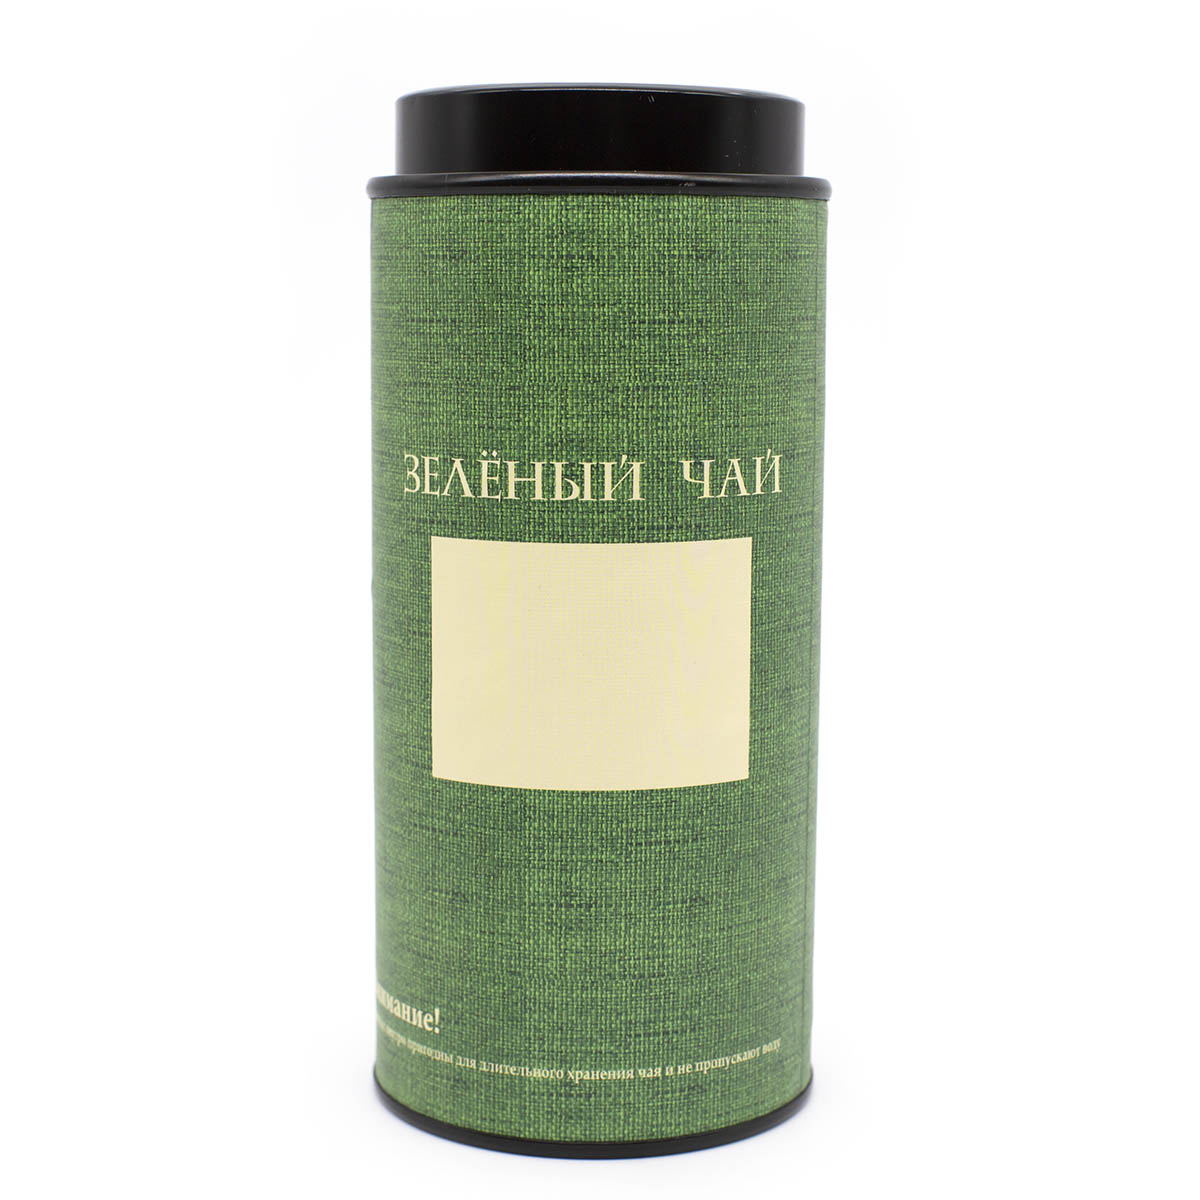 Банка картонная Мелодия неба - Зеленый чай 76*145 банка картонная мелодия неба белый чай 76 175